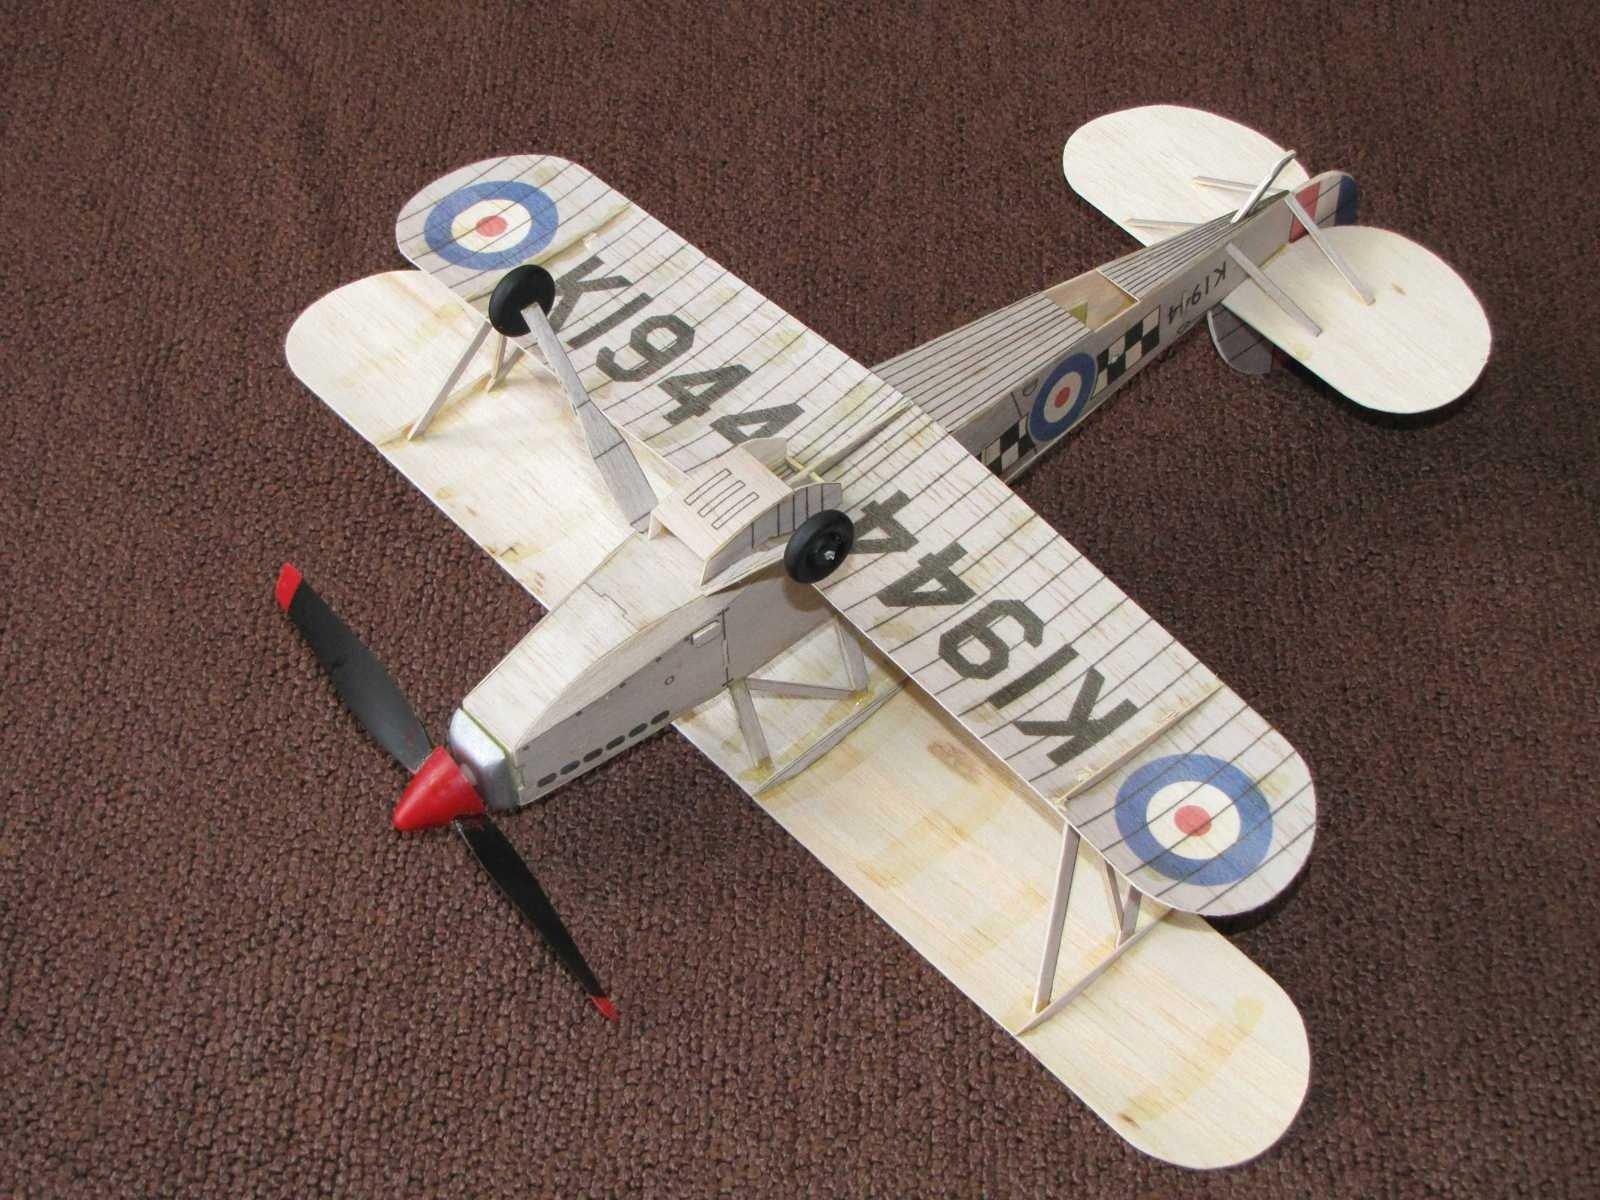 https://0201.nccdn.net/1_2/000/000/198/13f/FF-Hawker-Fury-bottom-1600x1200.jpg